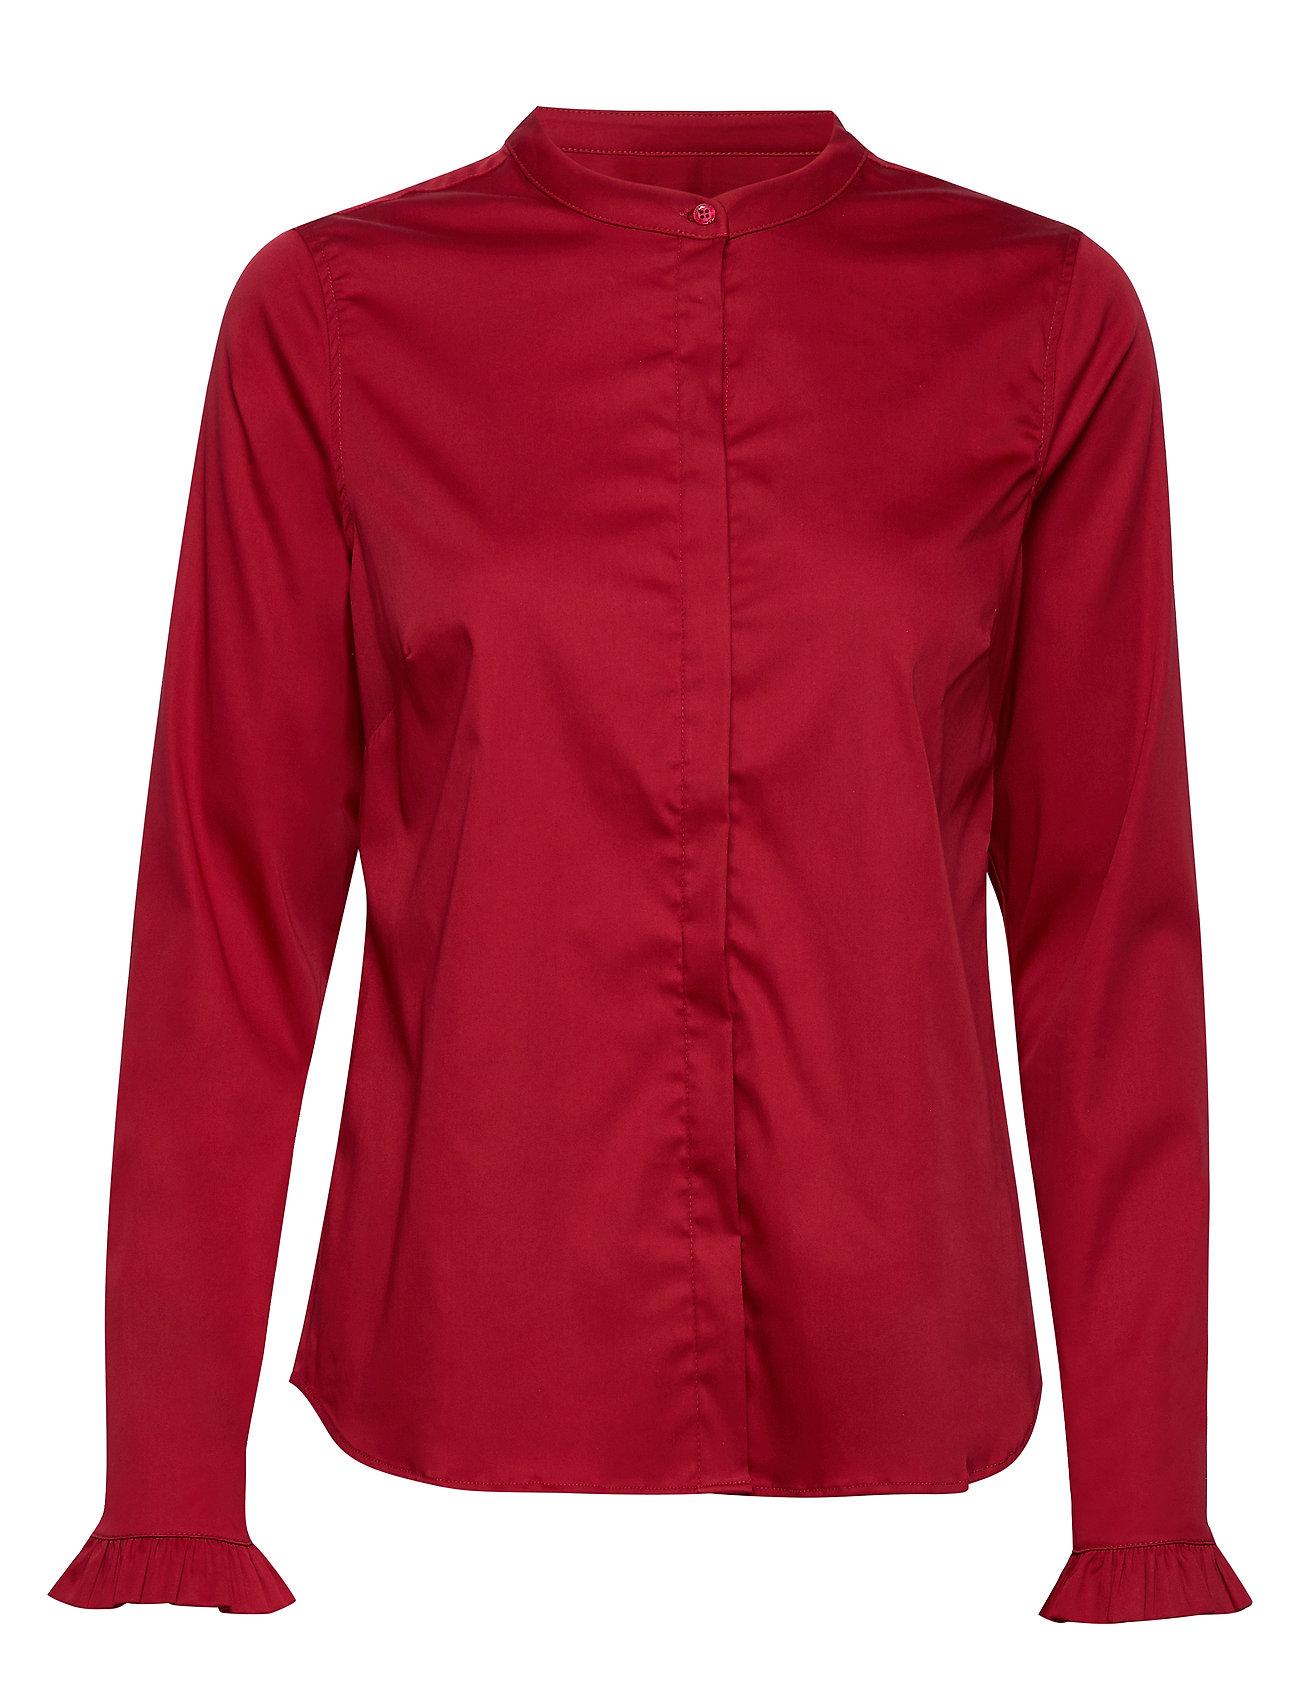 MOS MOSH Mattie Shirt - COURAGE RED